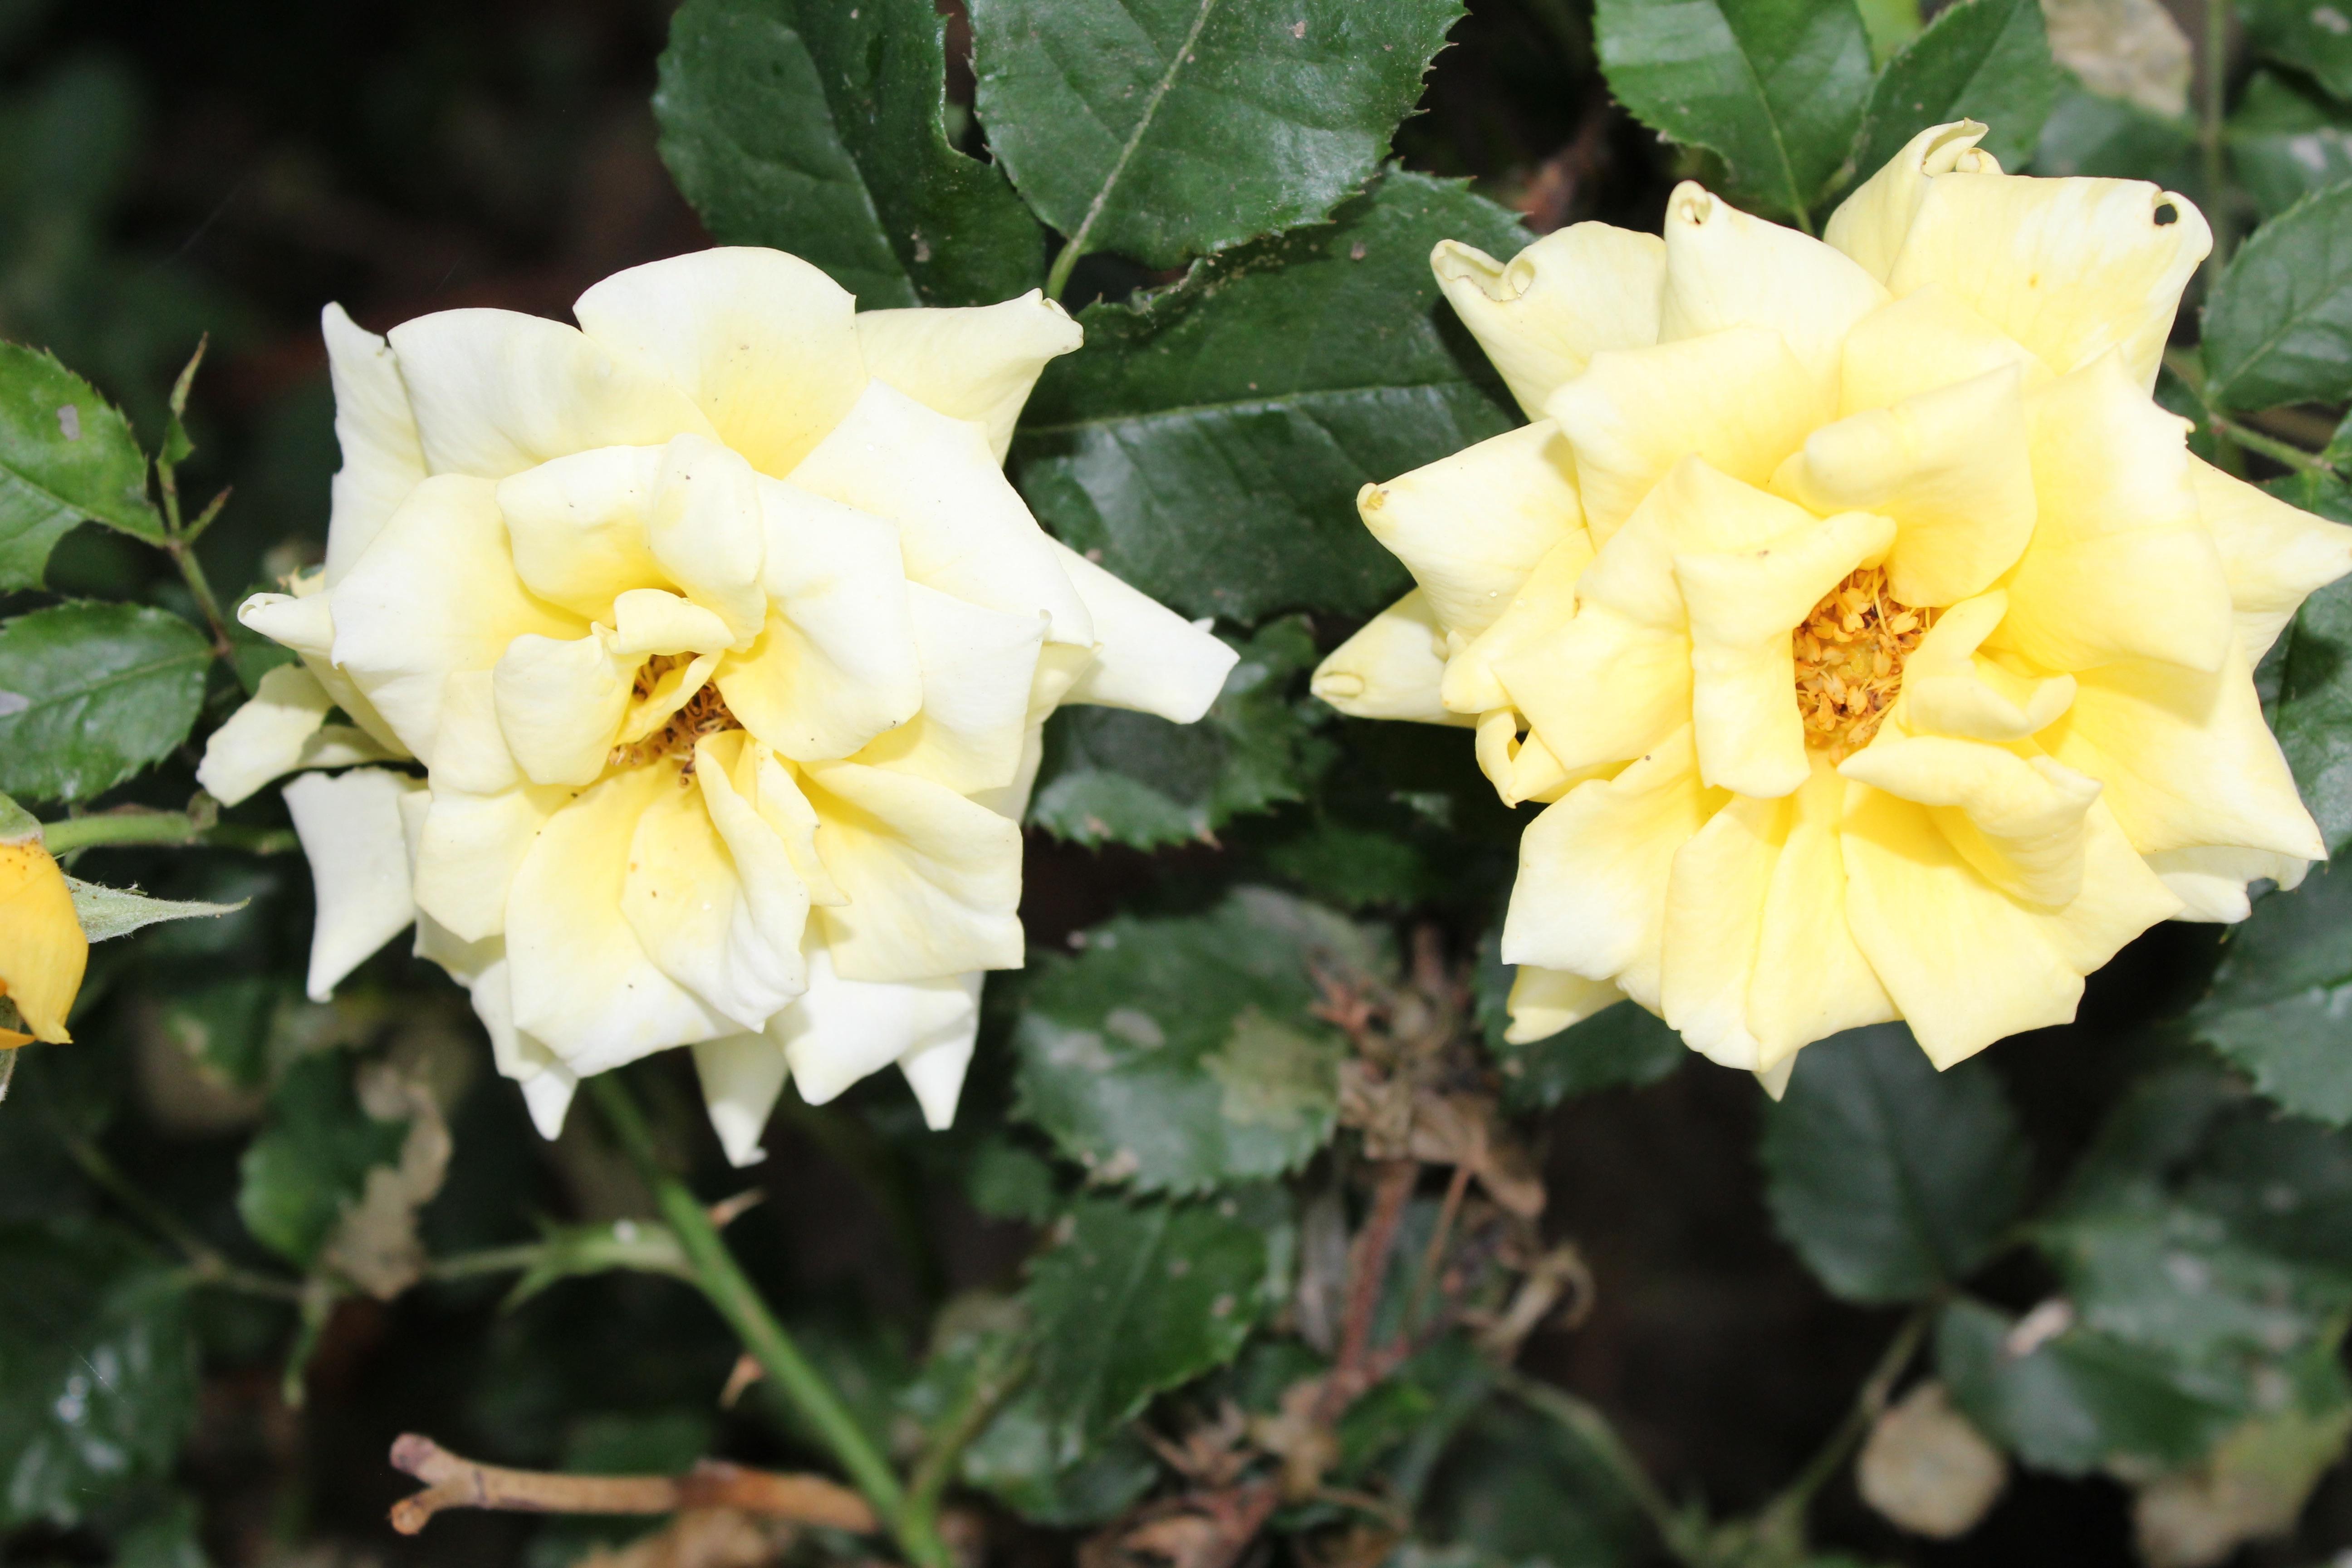 鮮やかな黄色が眩しい、ゴールドバニーの花です。